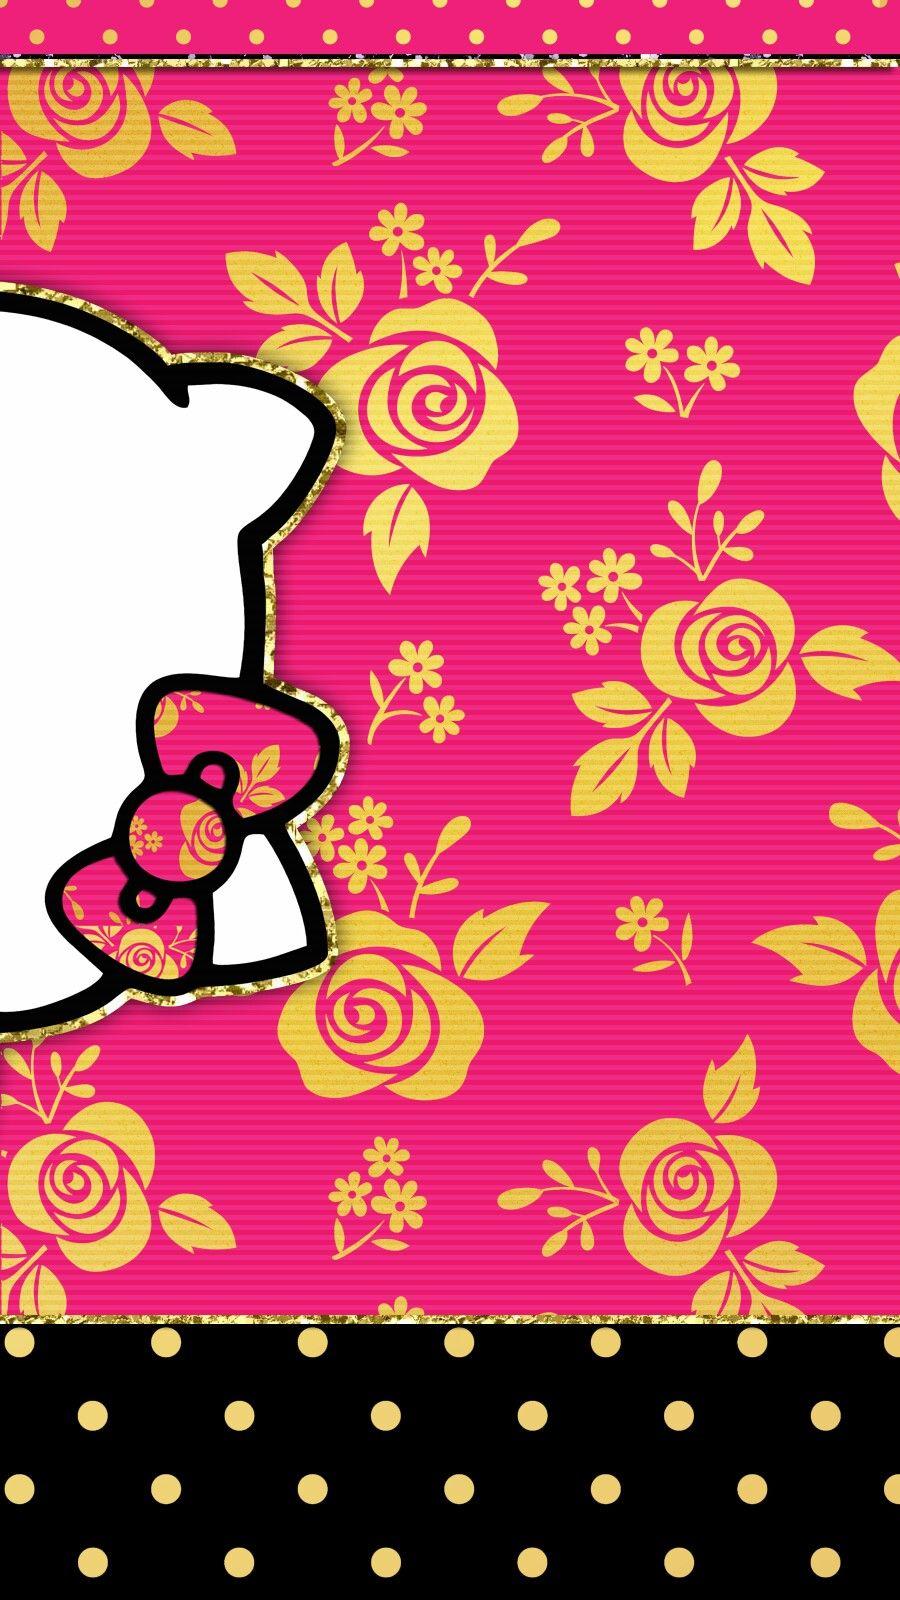 Wonderful Wallpaper Hello Kitty Iphone 6 - b20e8559b51319784a1c217aae6cd8ae  Photograph_715132.jpg